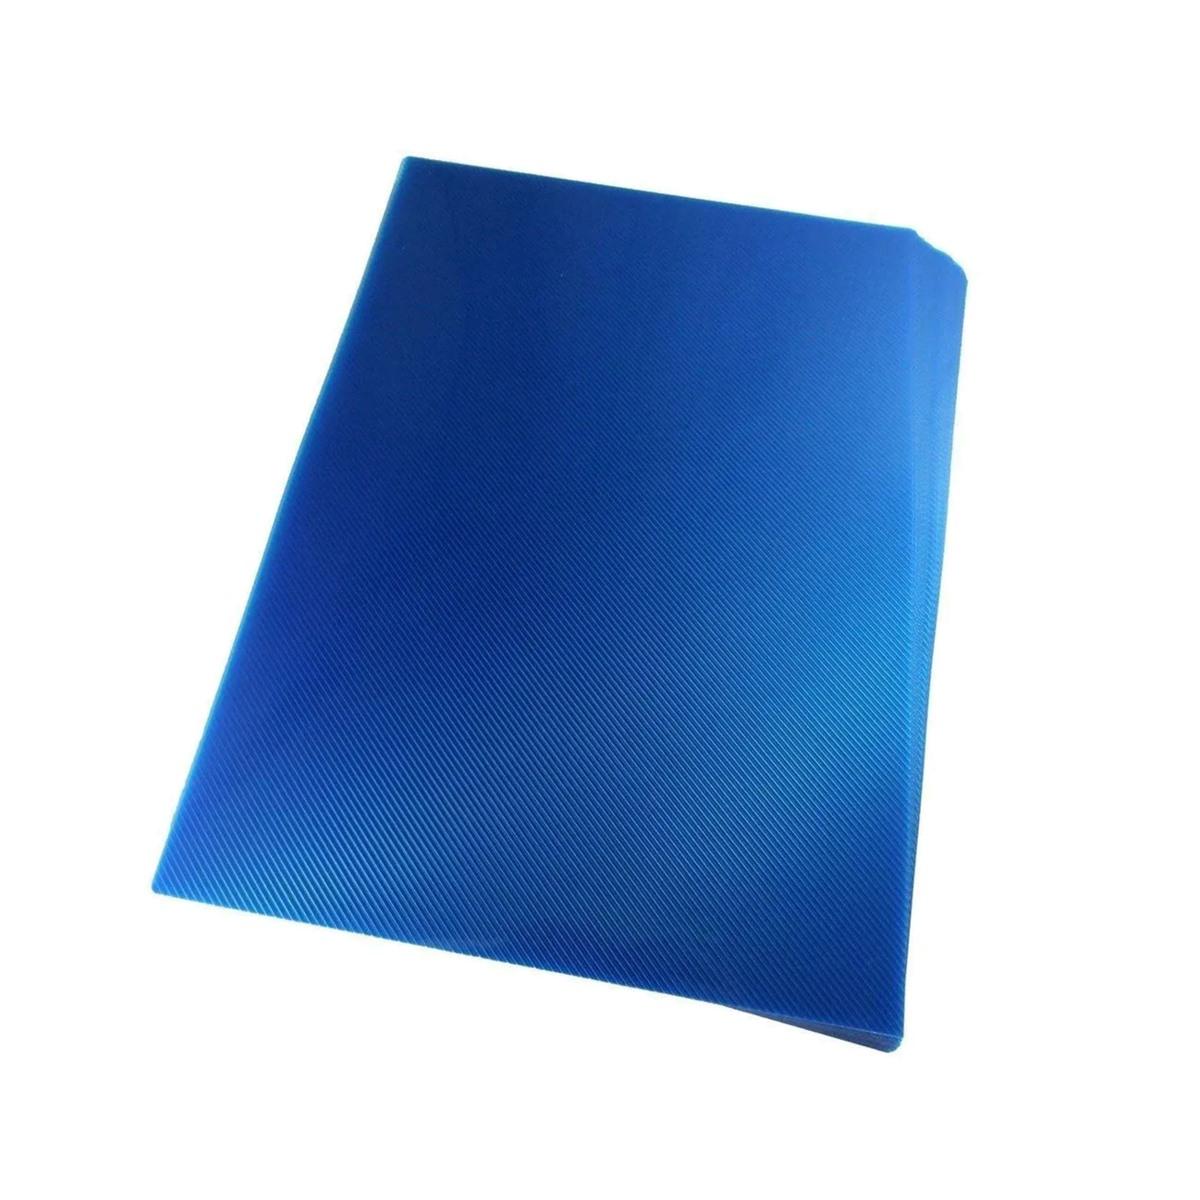 Capa para encadernação Ofício Azul PP Line 0,30mm 100un